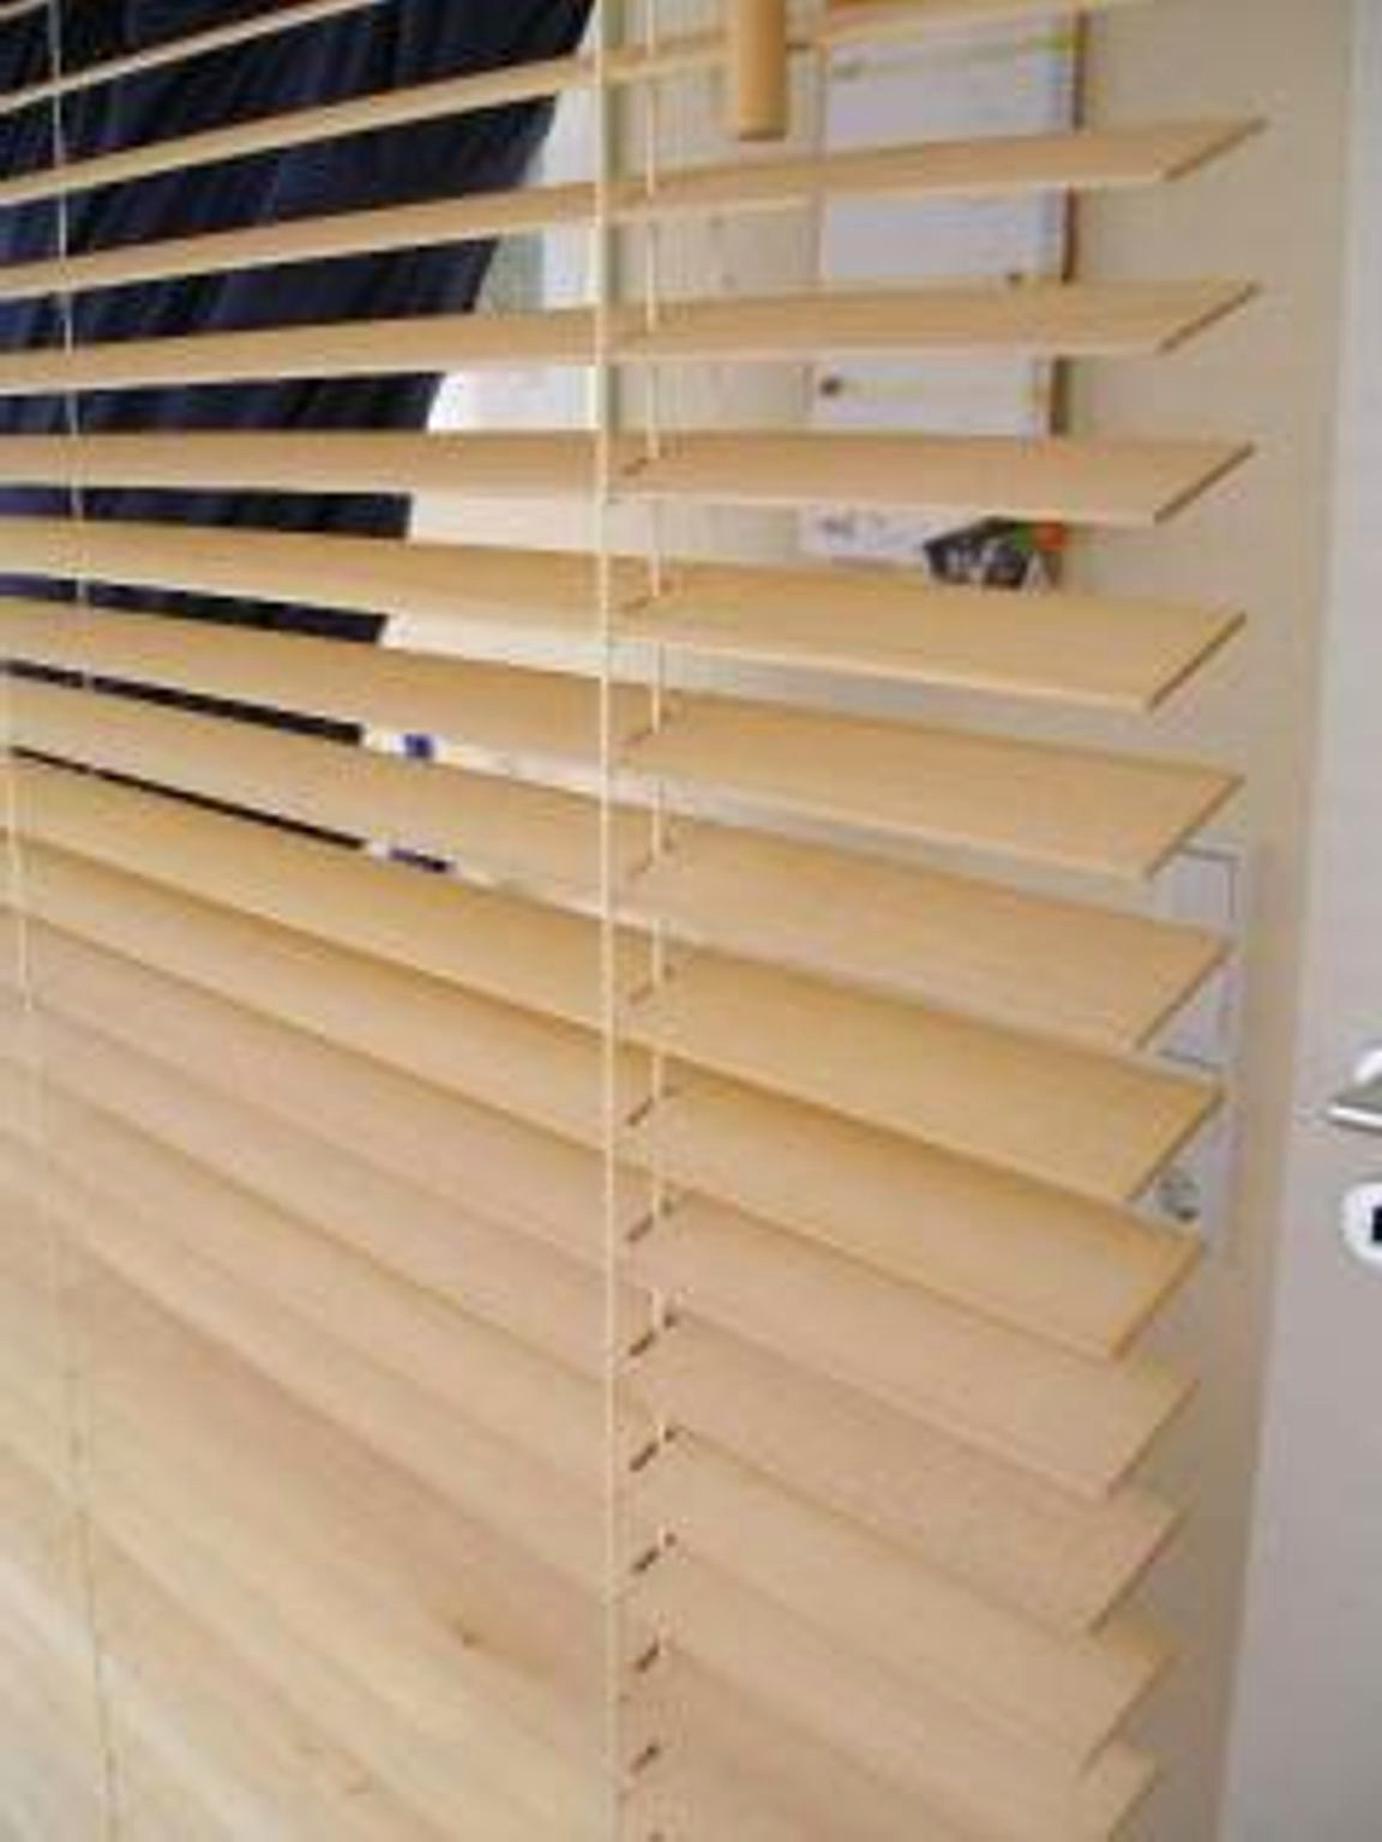 Full Size of Jalousien Ikea Rollo Lindmon Gebraucht Kaufen 4 St Bis 60 Gnstiger Fenster Küche Kosten Betten Bei Miniküche Innen 160x200 Sofa Mit Schlaffunktion Wohnzimmer Jalousien Ikea